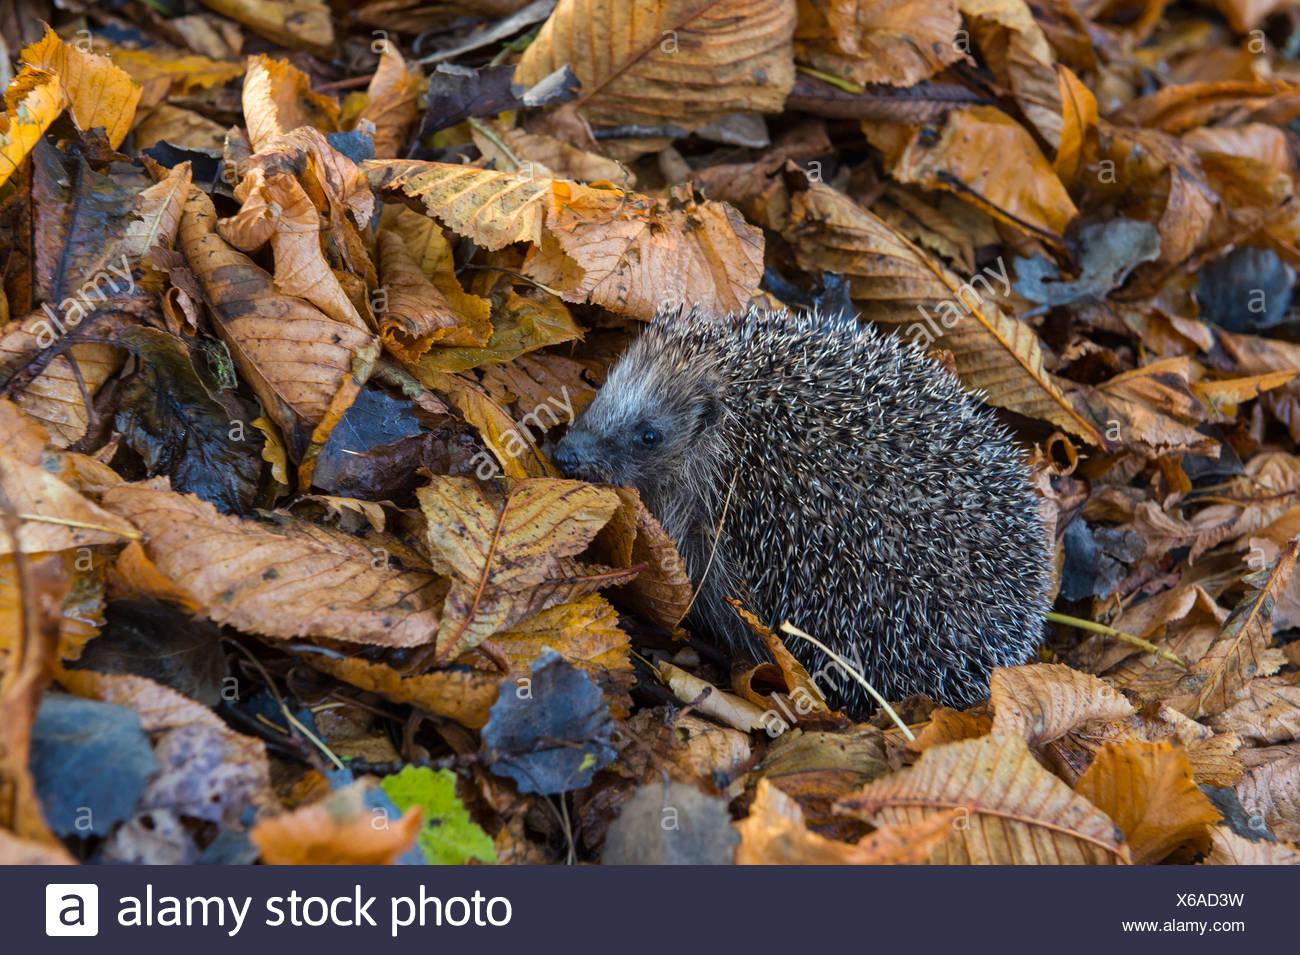 hedgehog in autumn leaves, erinaceidae, germany - Stock Image